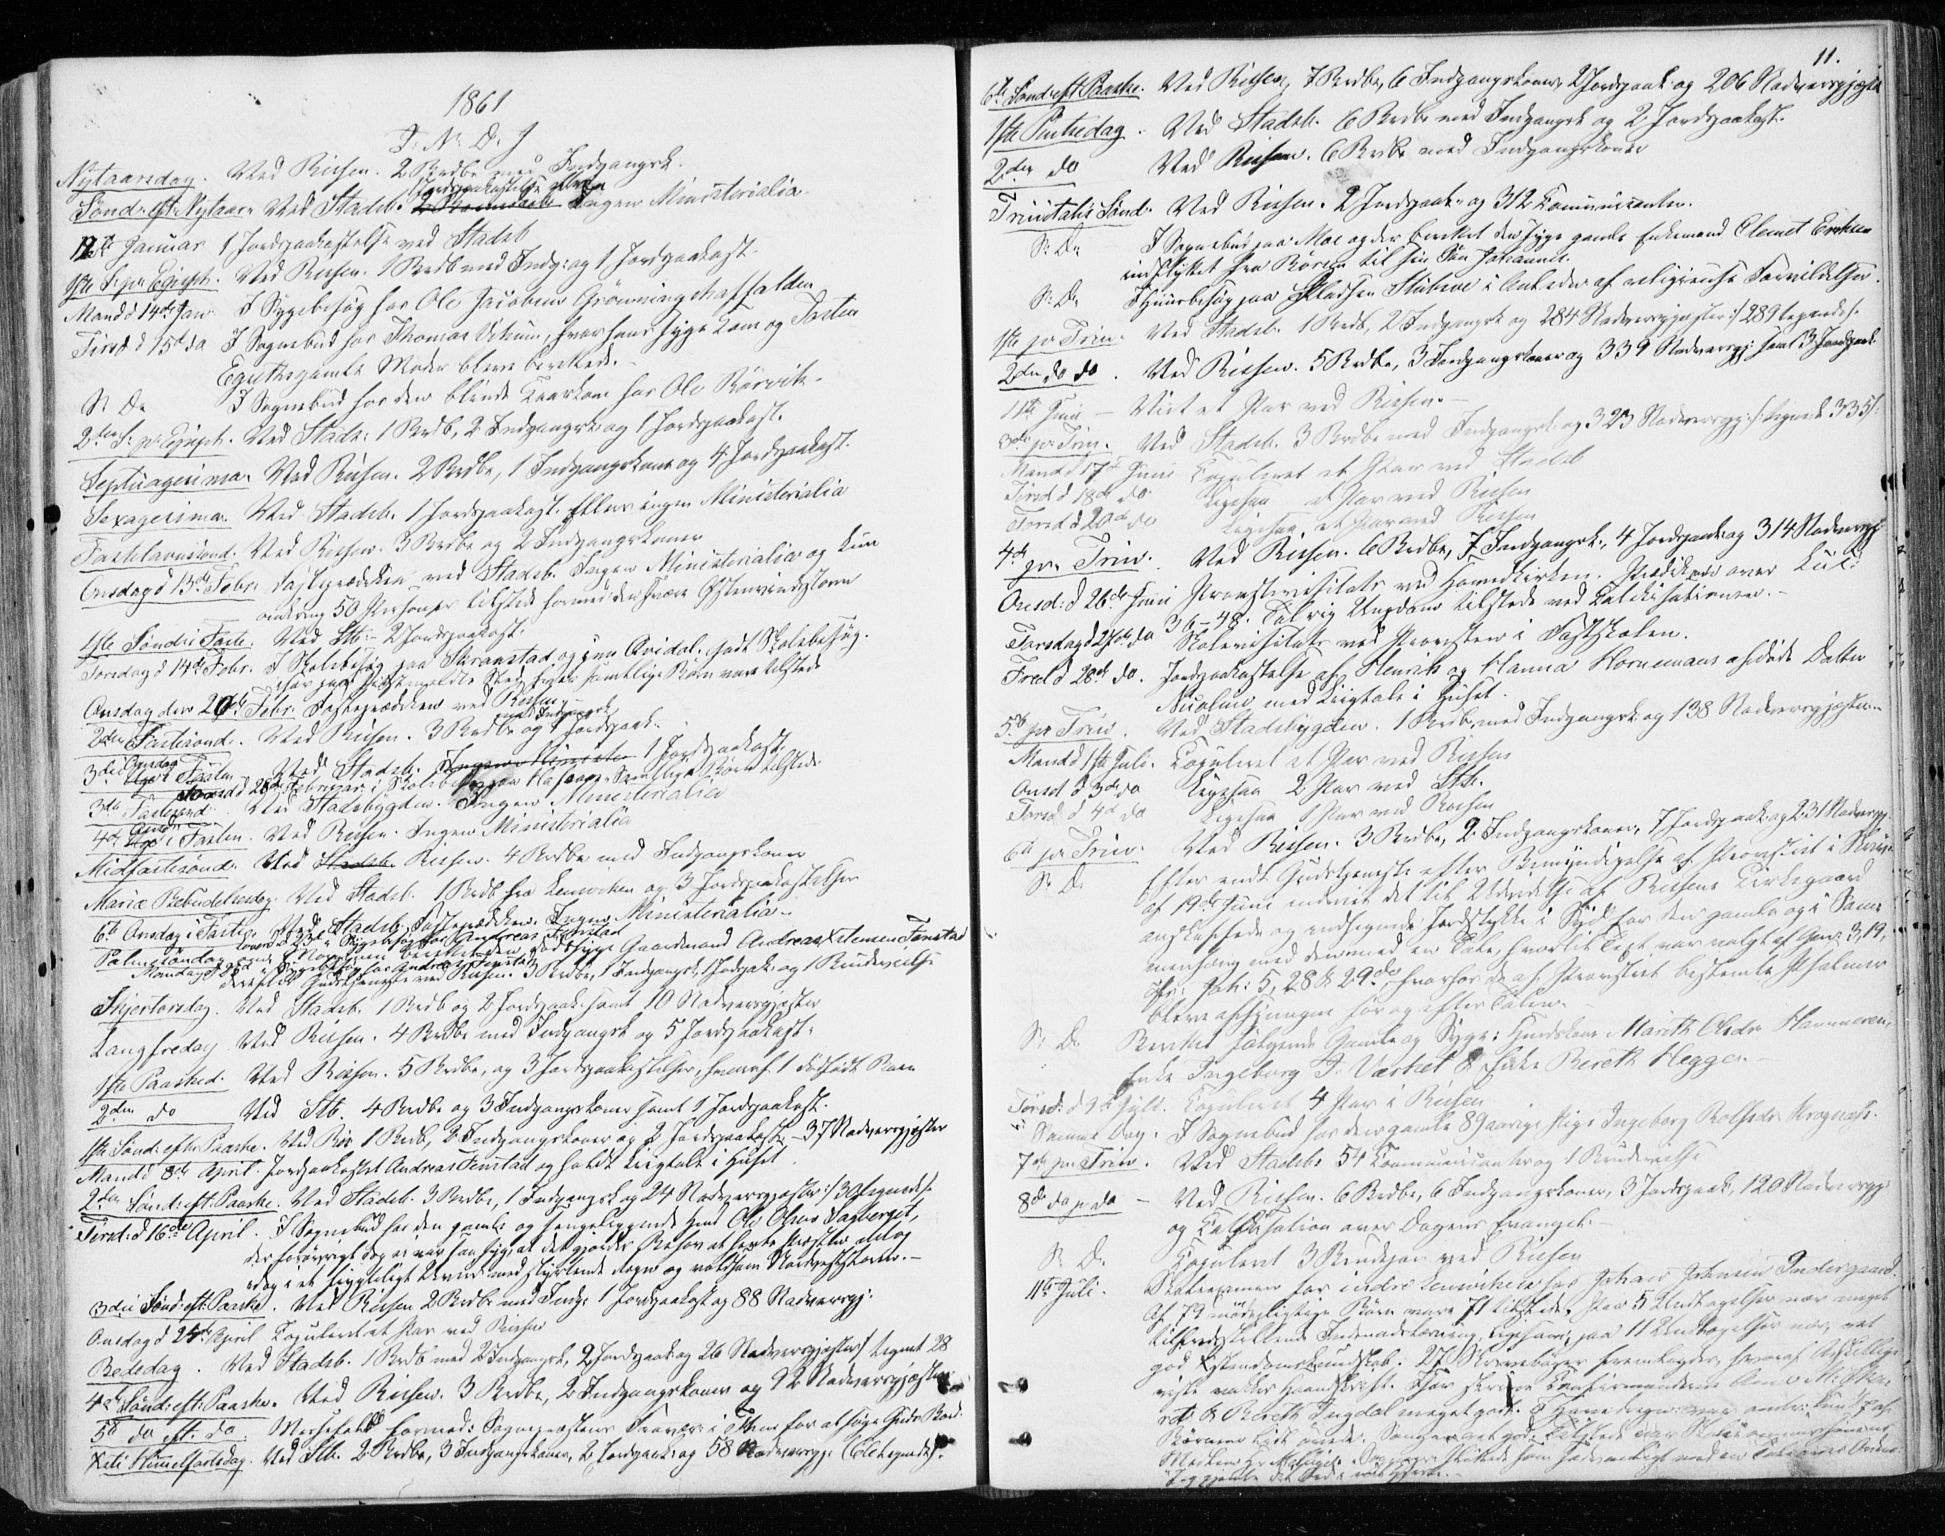 SAT, Ministerialprotokoller, klokkerbøker og fødselsregistre - Sør-Trøndelag, 646/L0612: Ministerialbok nr. 646A10, 1858-1869, s. 11